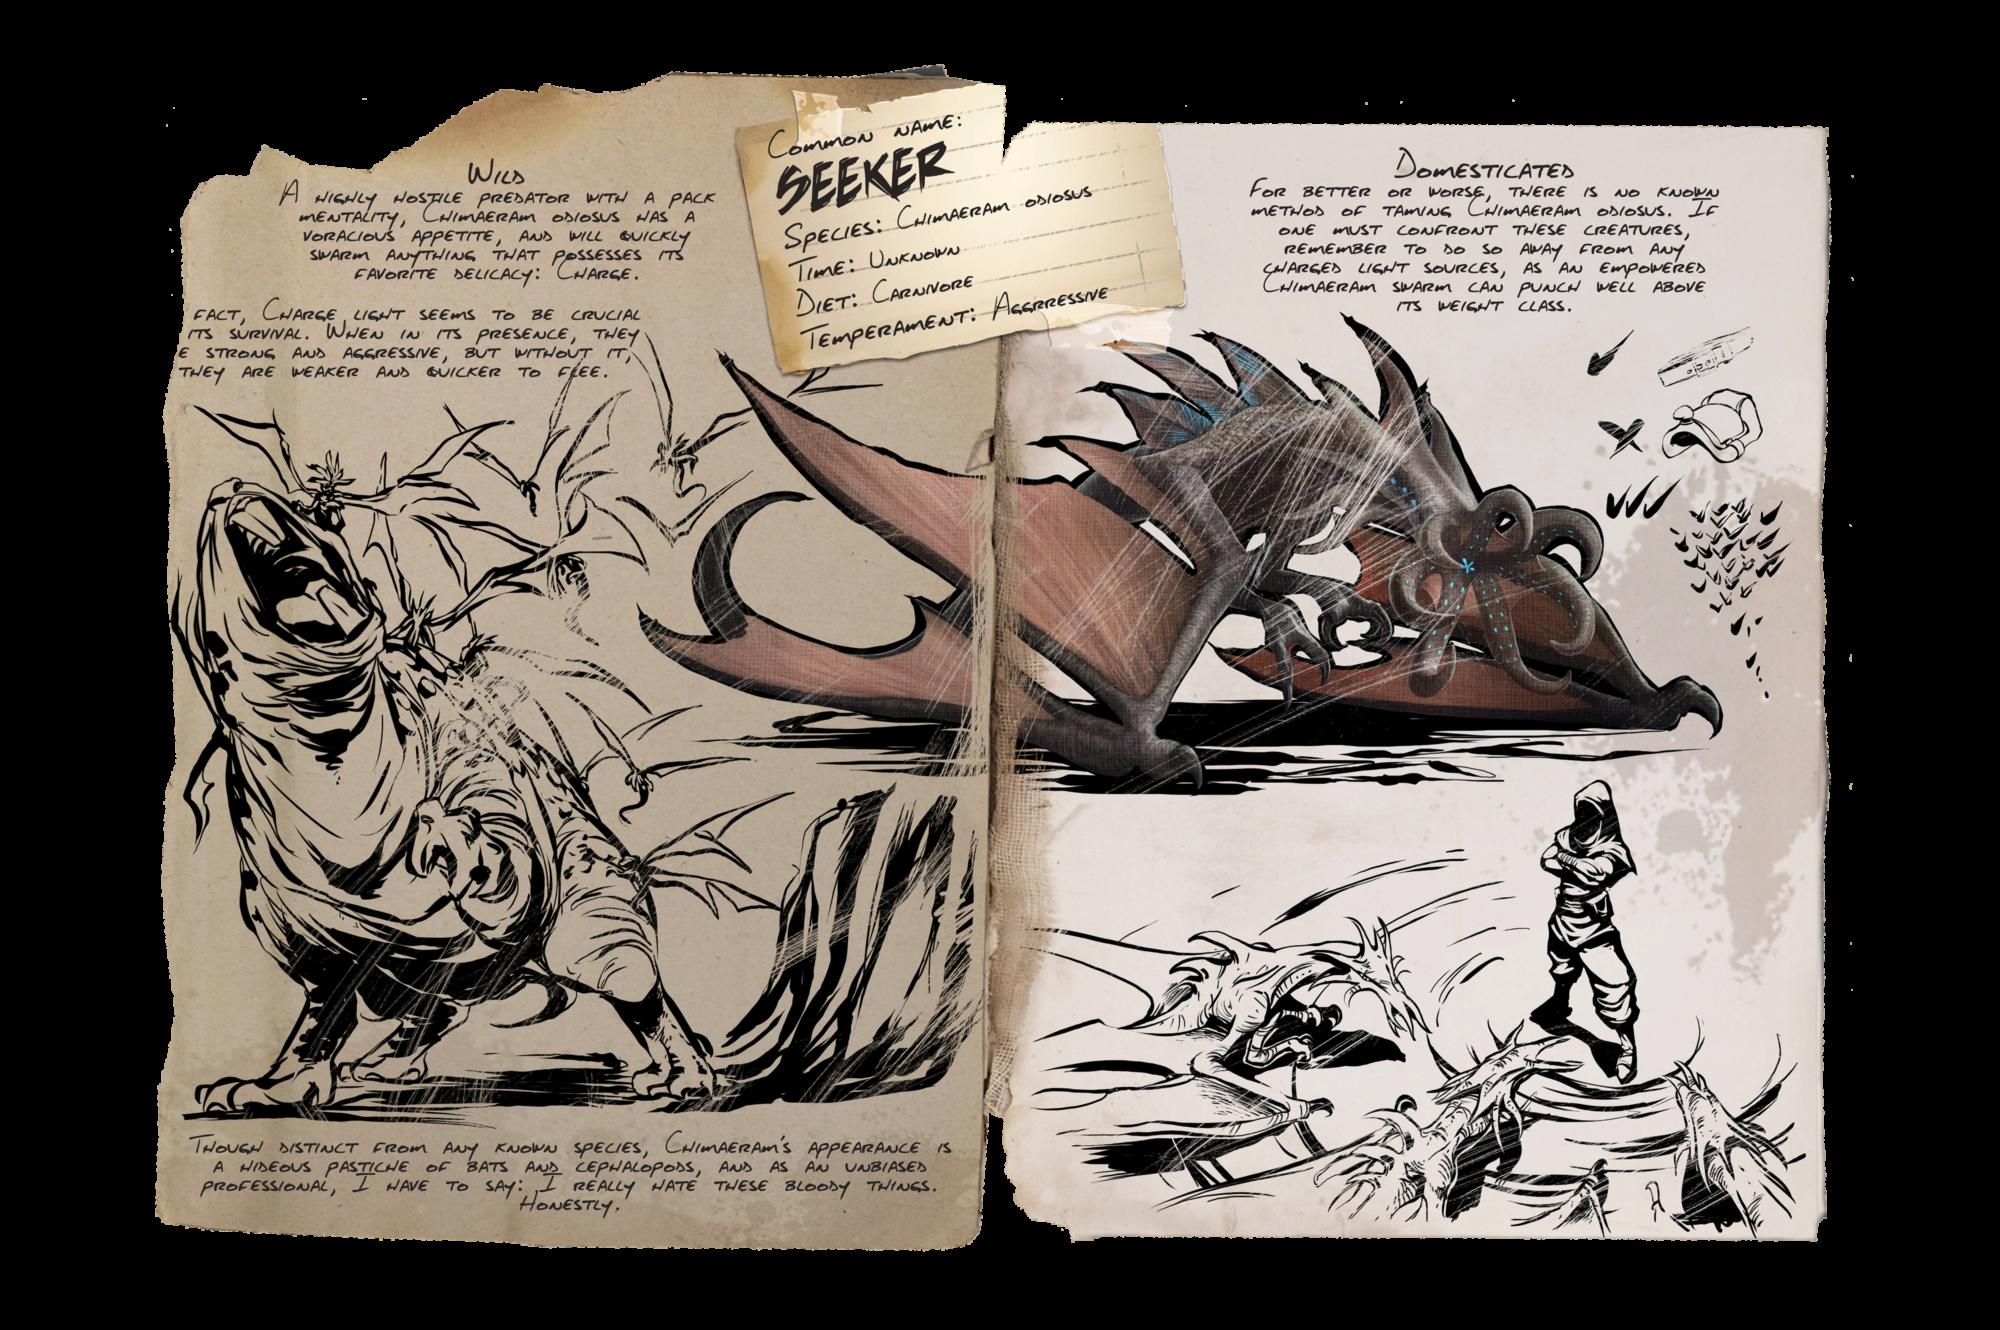 Dino Dossier: Seeker